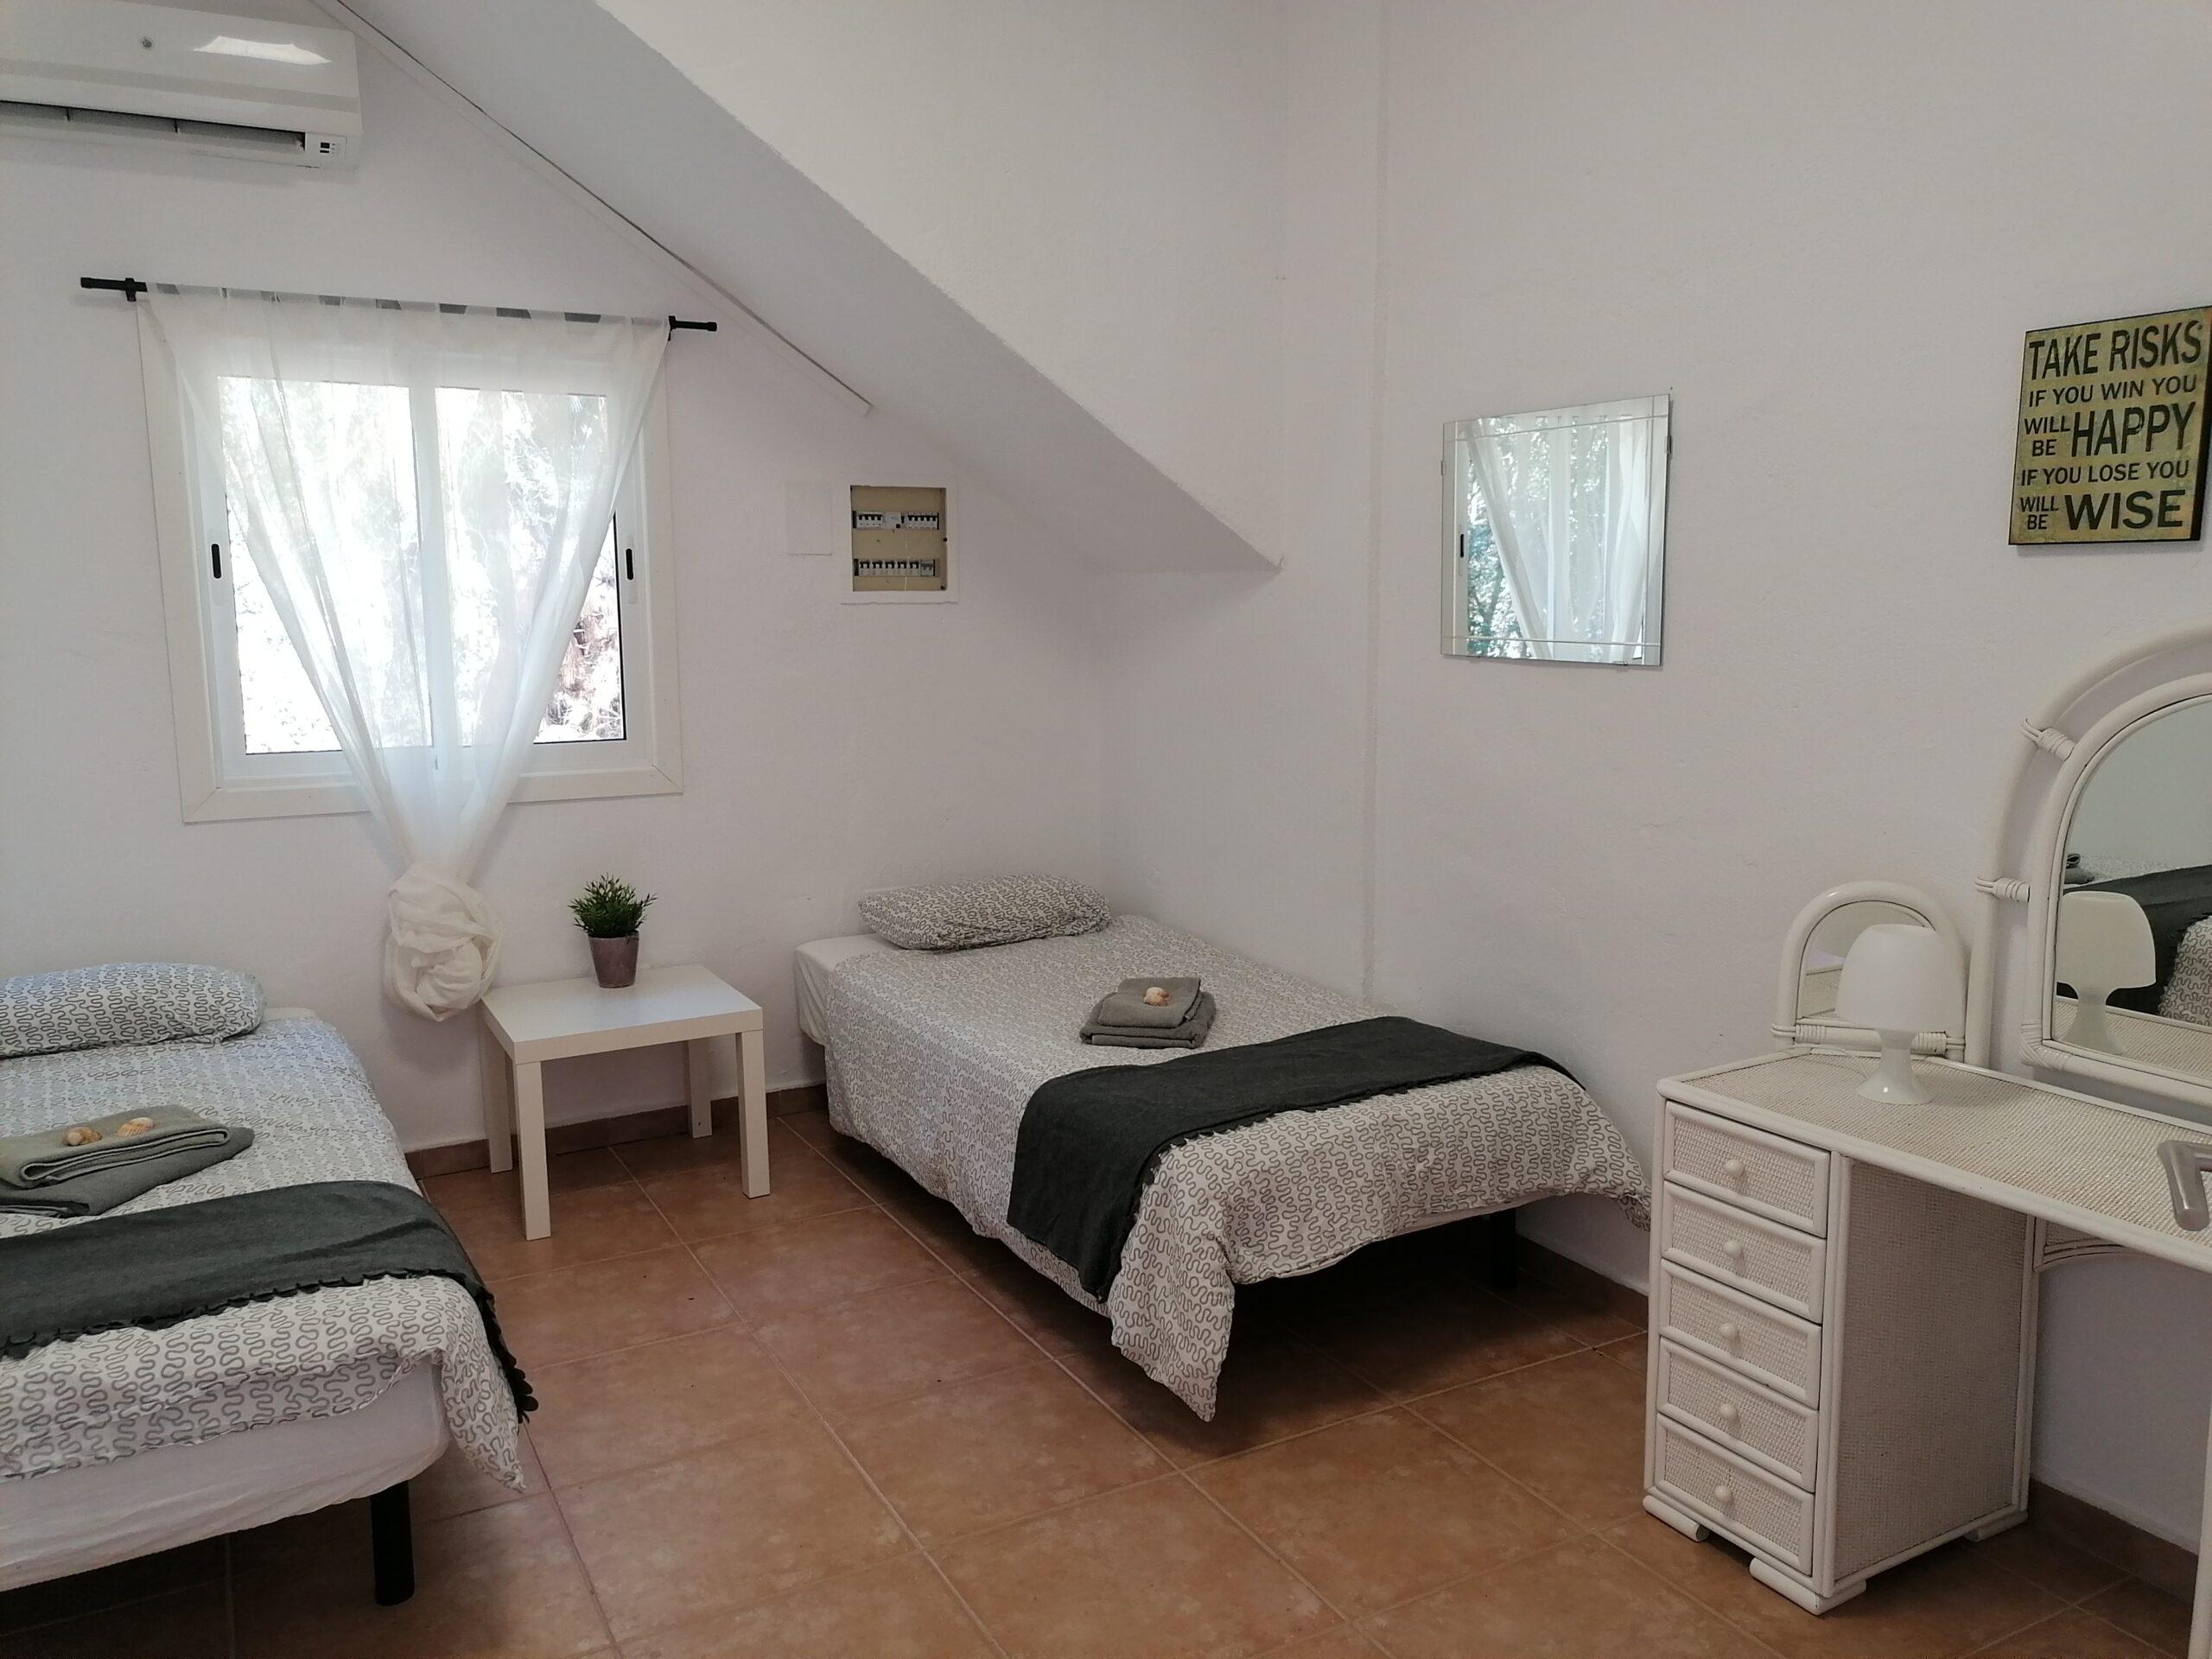 Apartment11_roomC